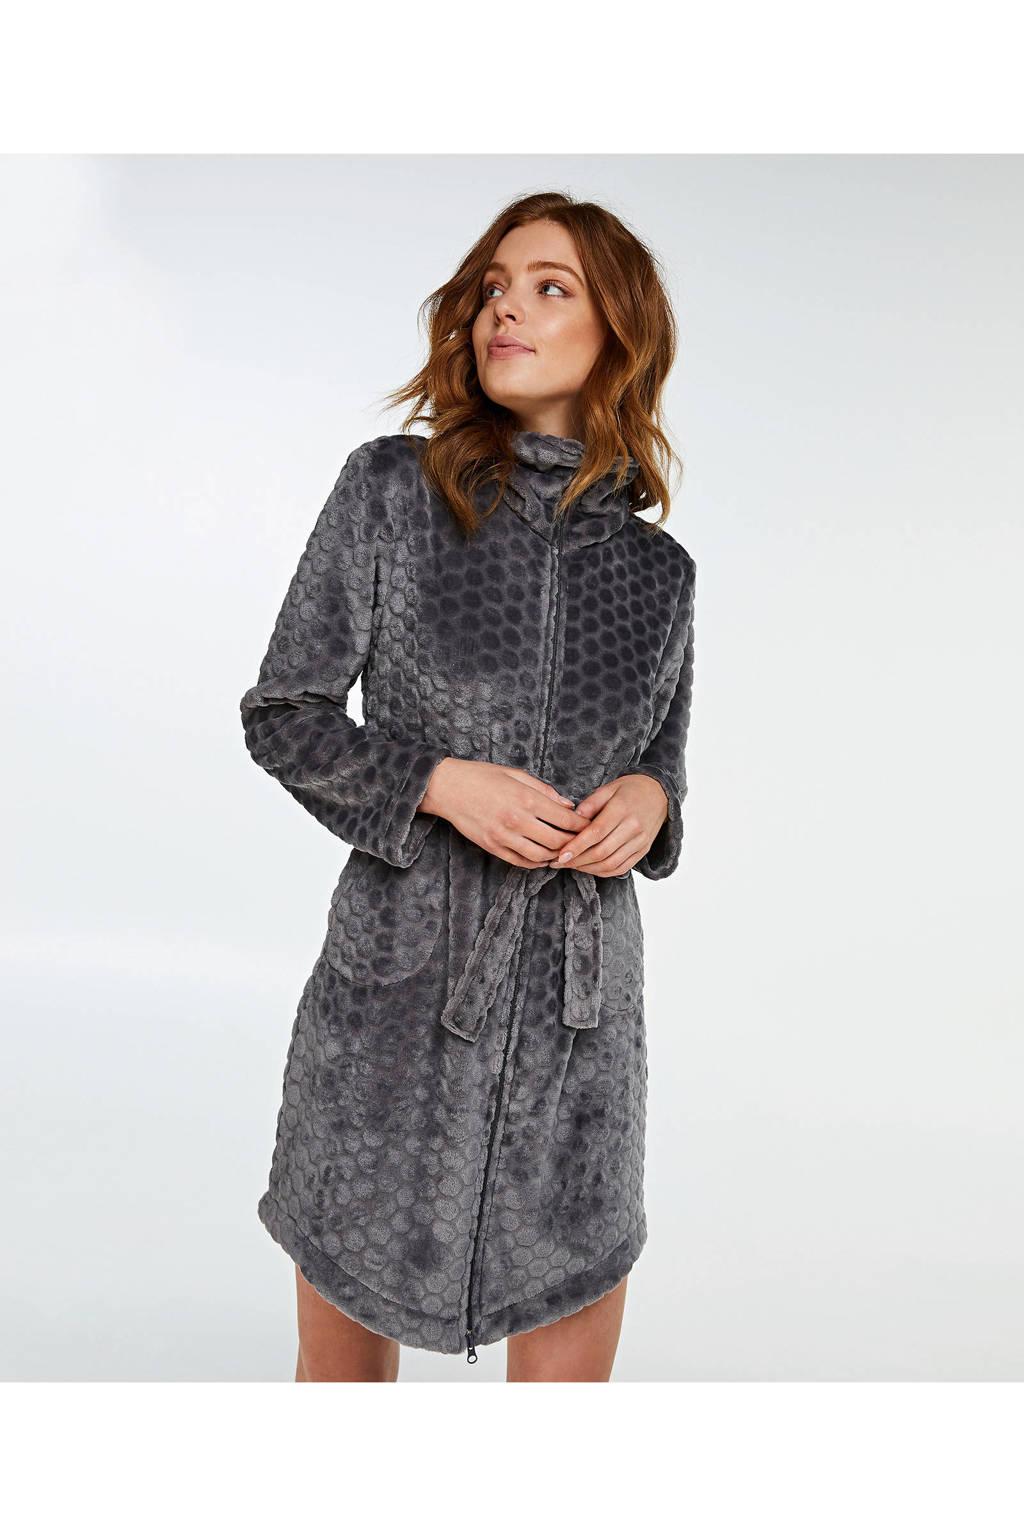 Hunkemöller fleece badjas met ritssluiting grijs, Grijs